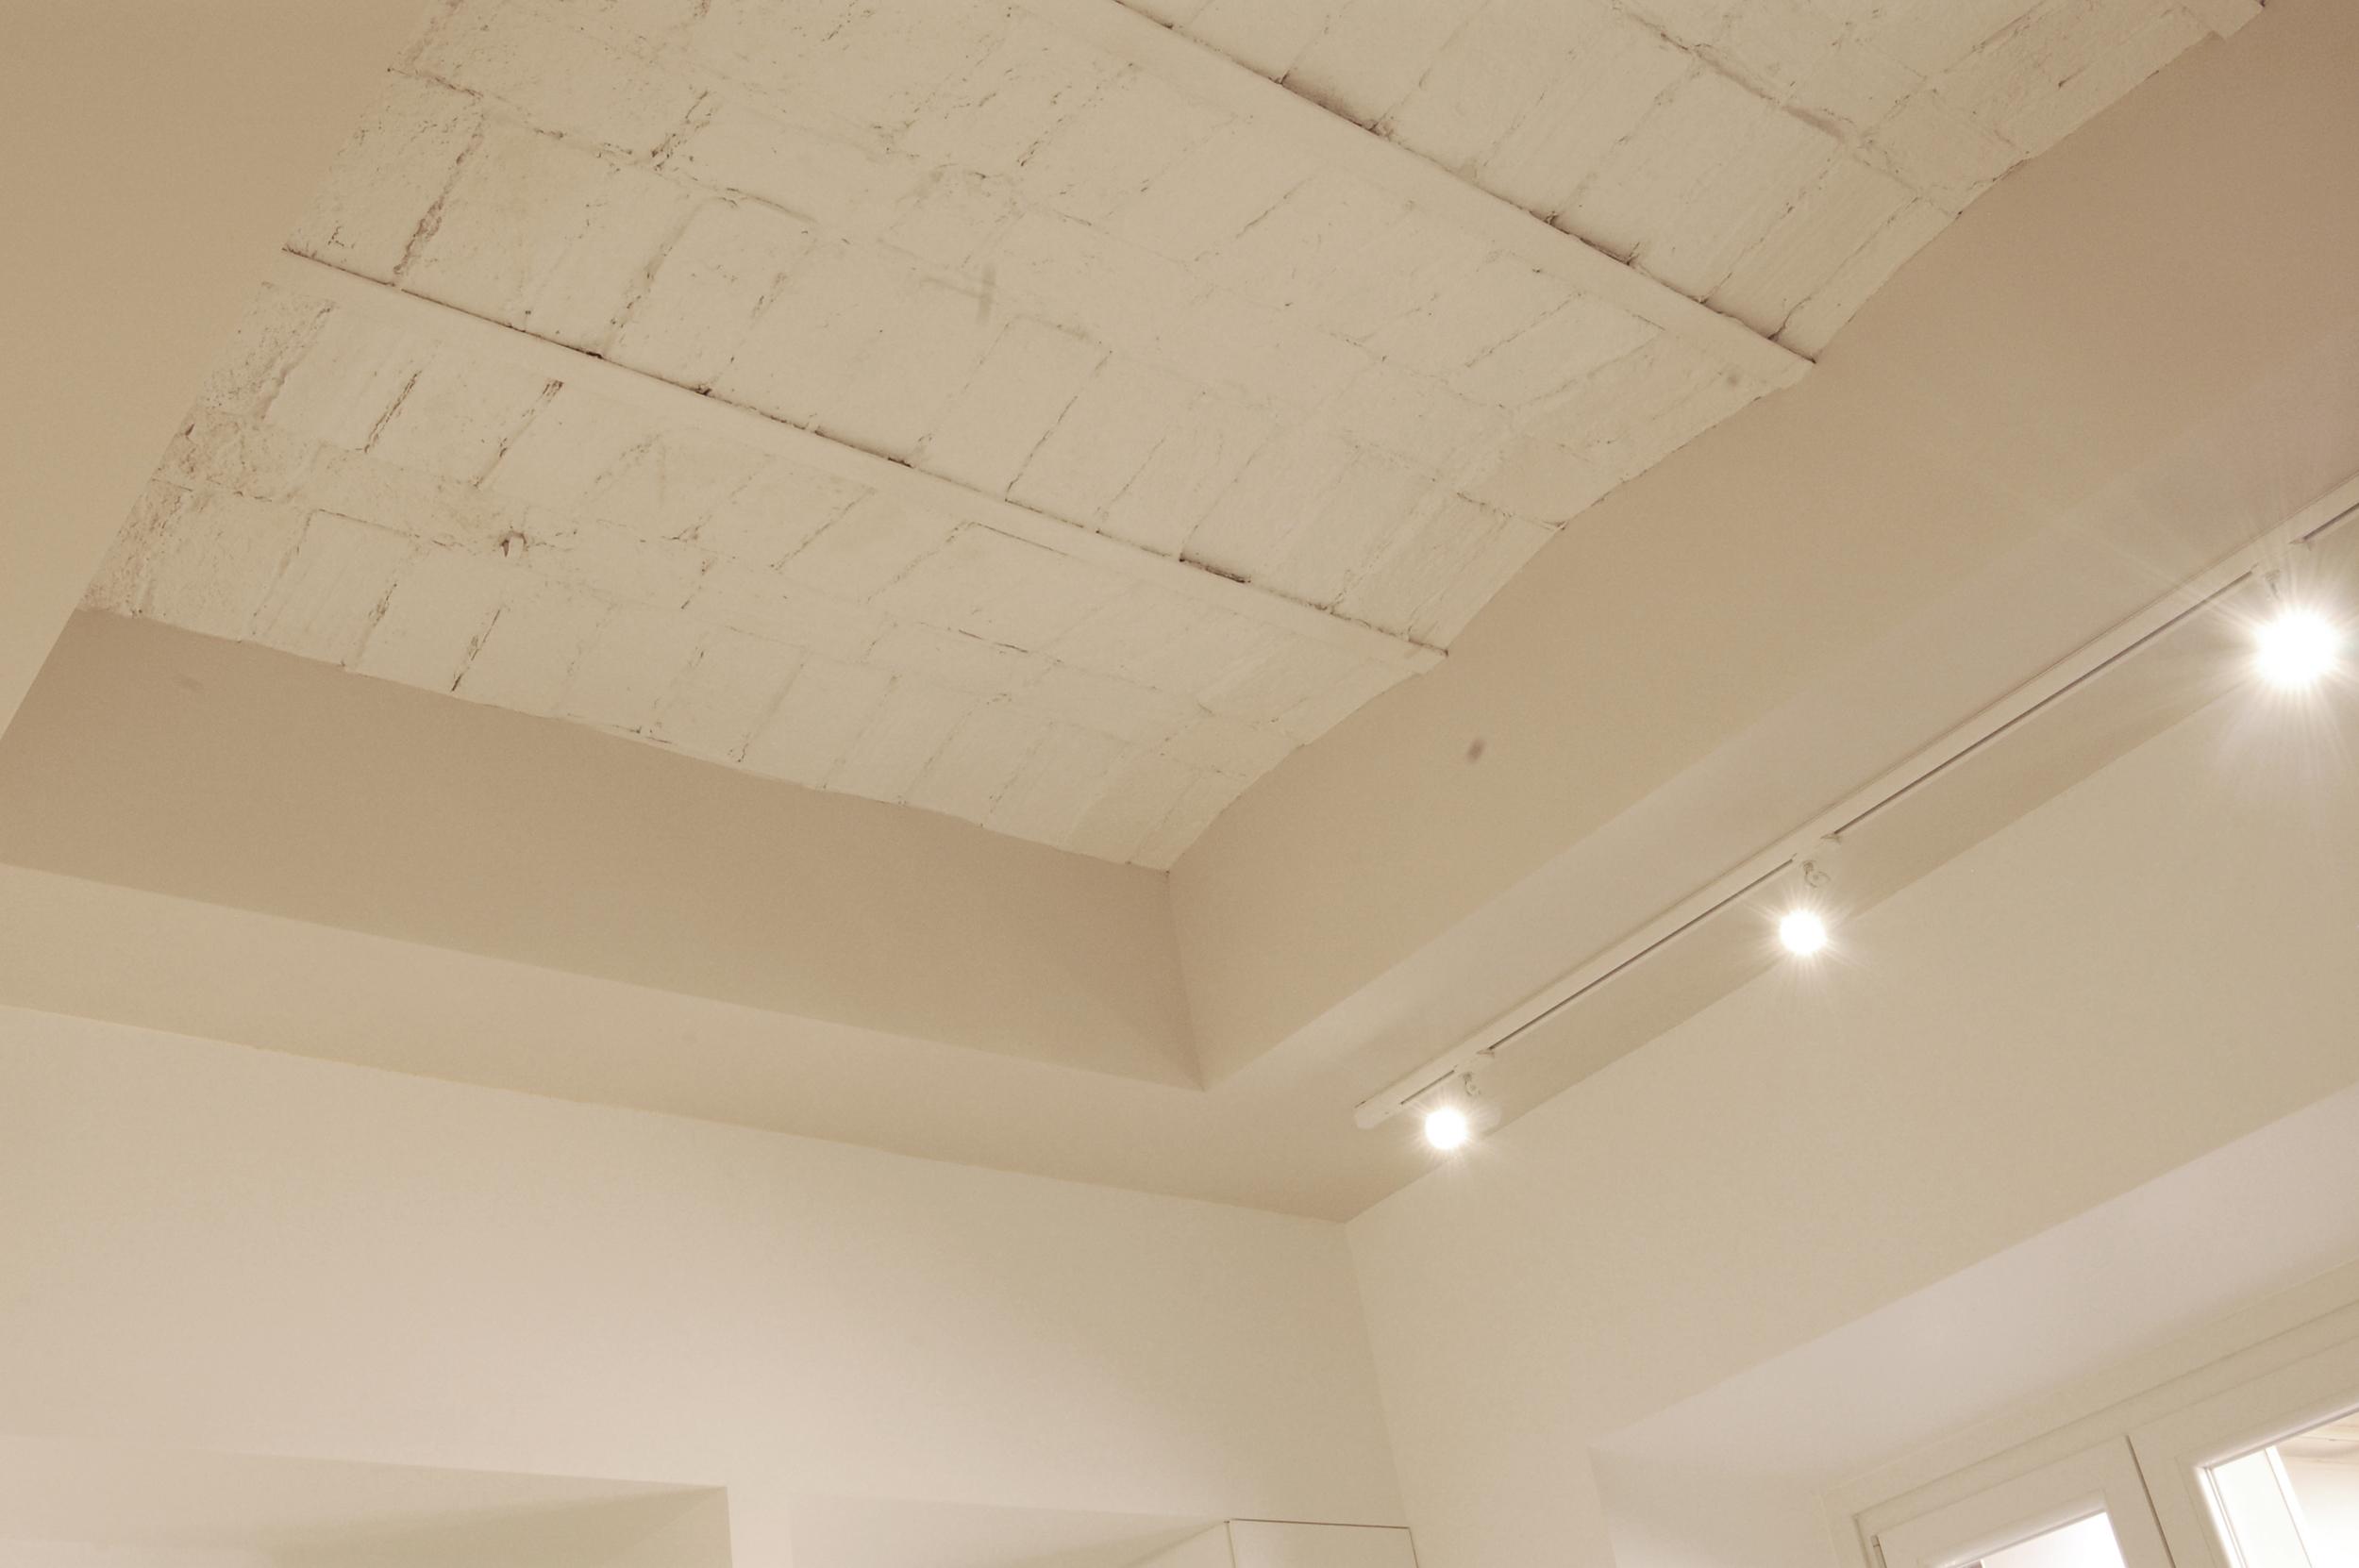 Immagine di dettaglio, con il soffitto a voltine riportato alla luce e posto in risalto dalla scelte cromatiche.